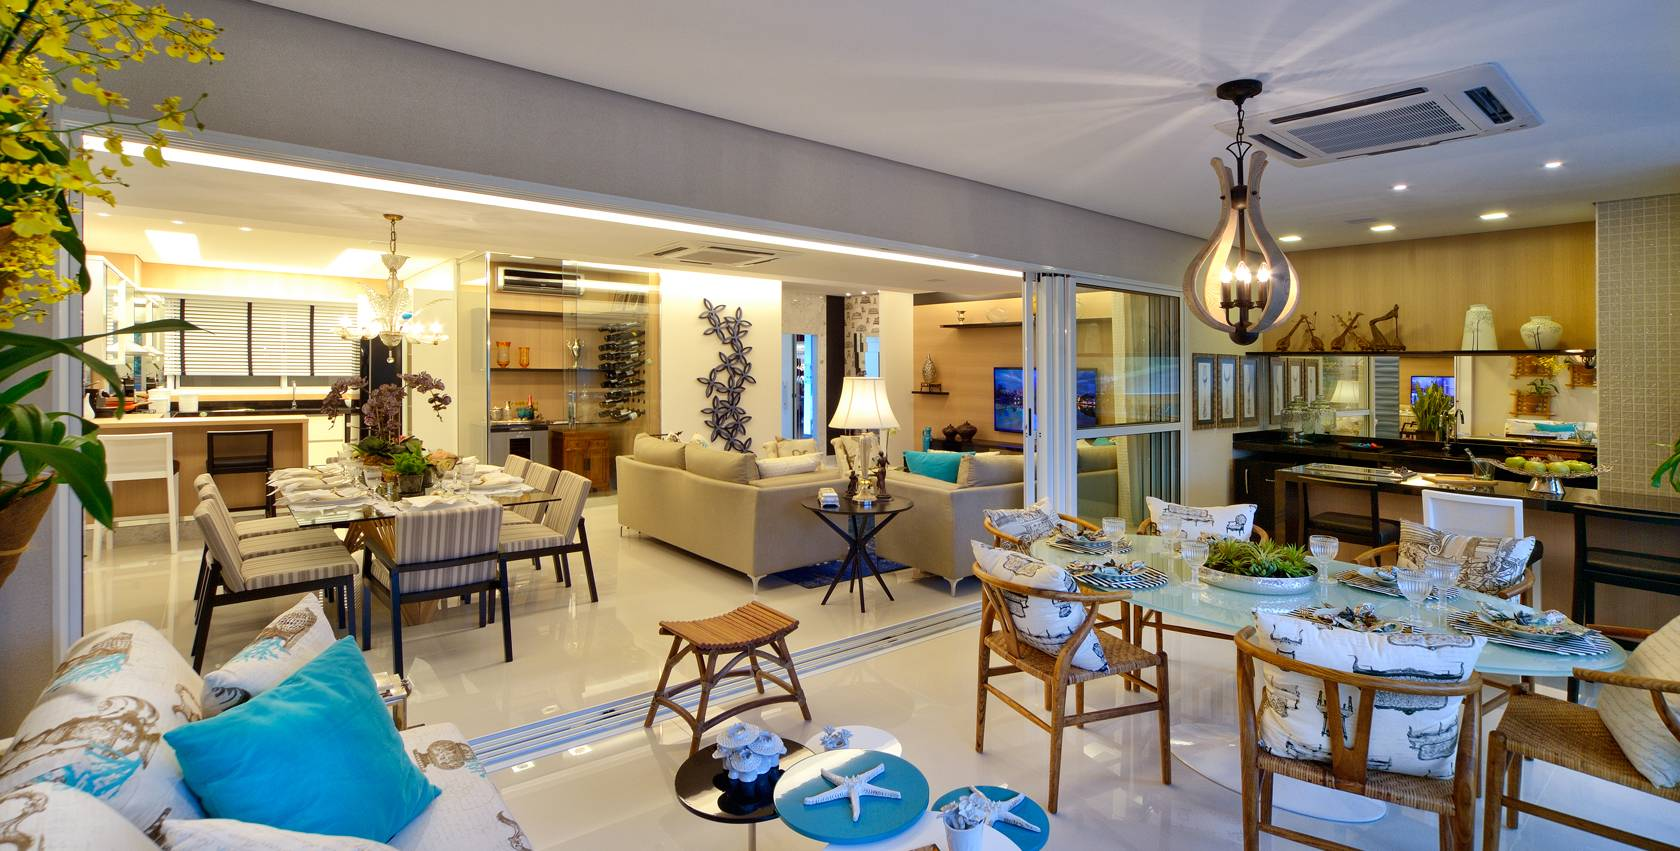 Varanda gourmet integrada apartamento caminhos da lapa for Sala de estar gourmet